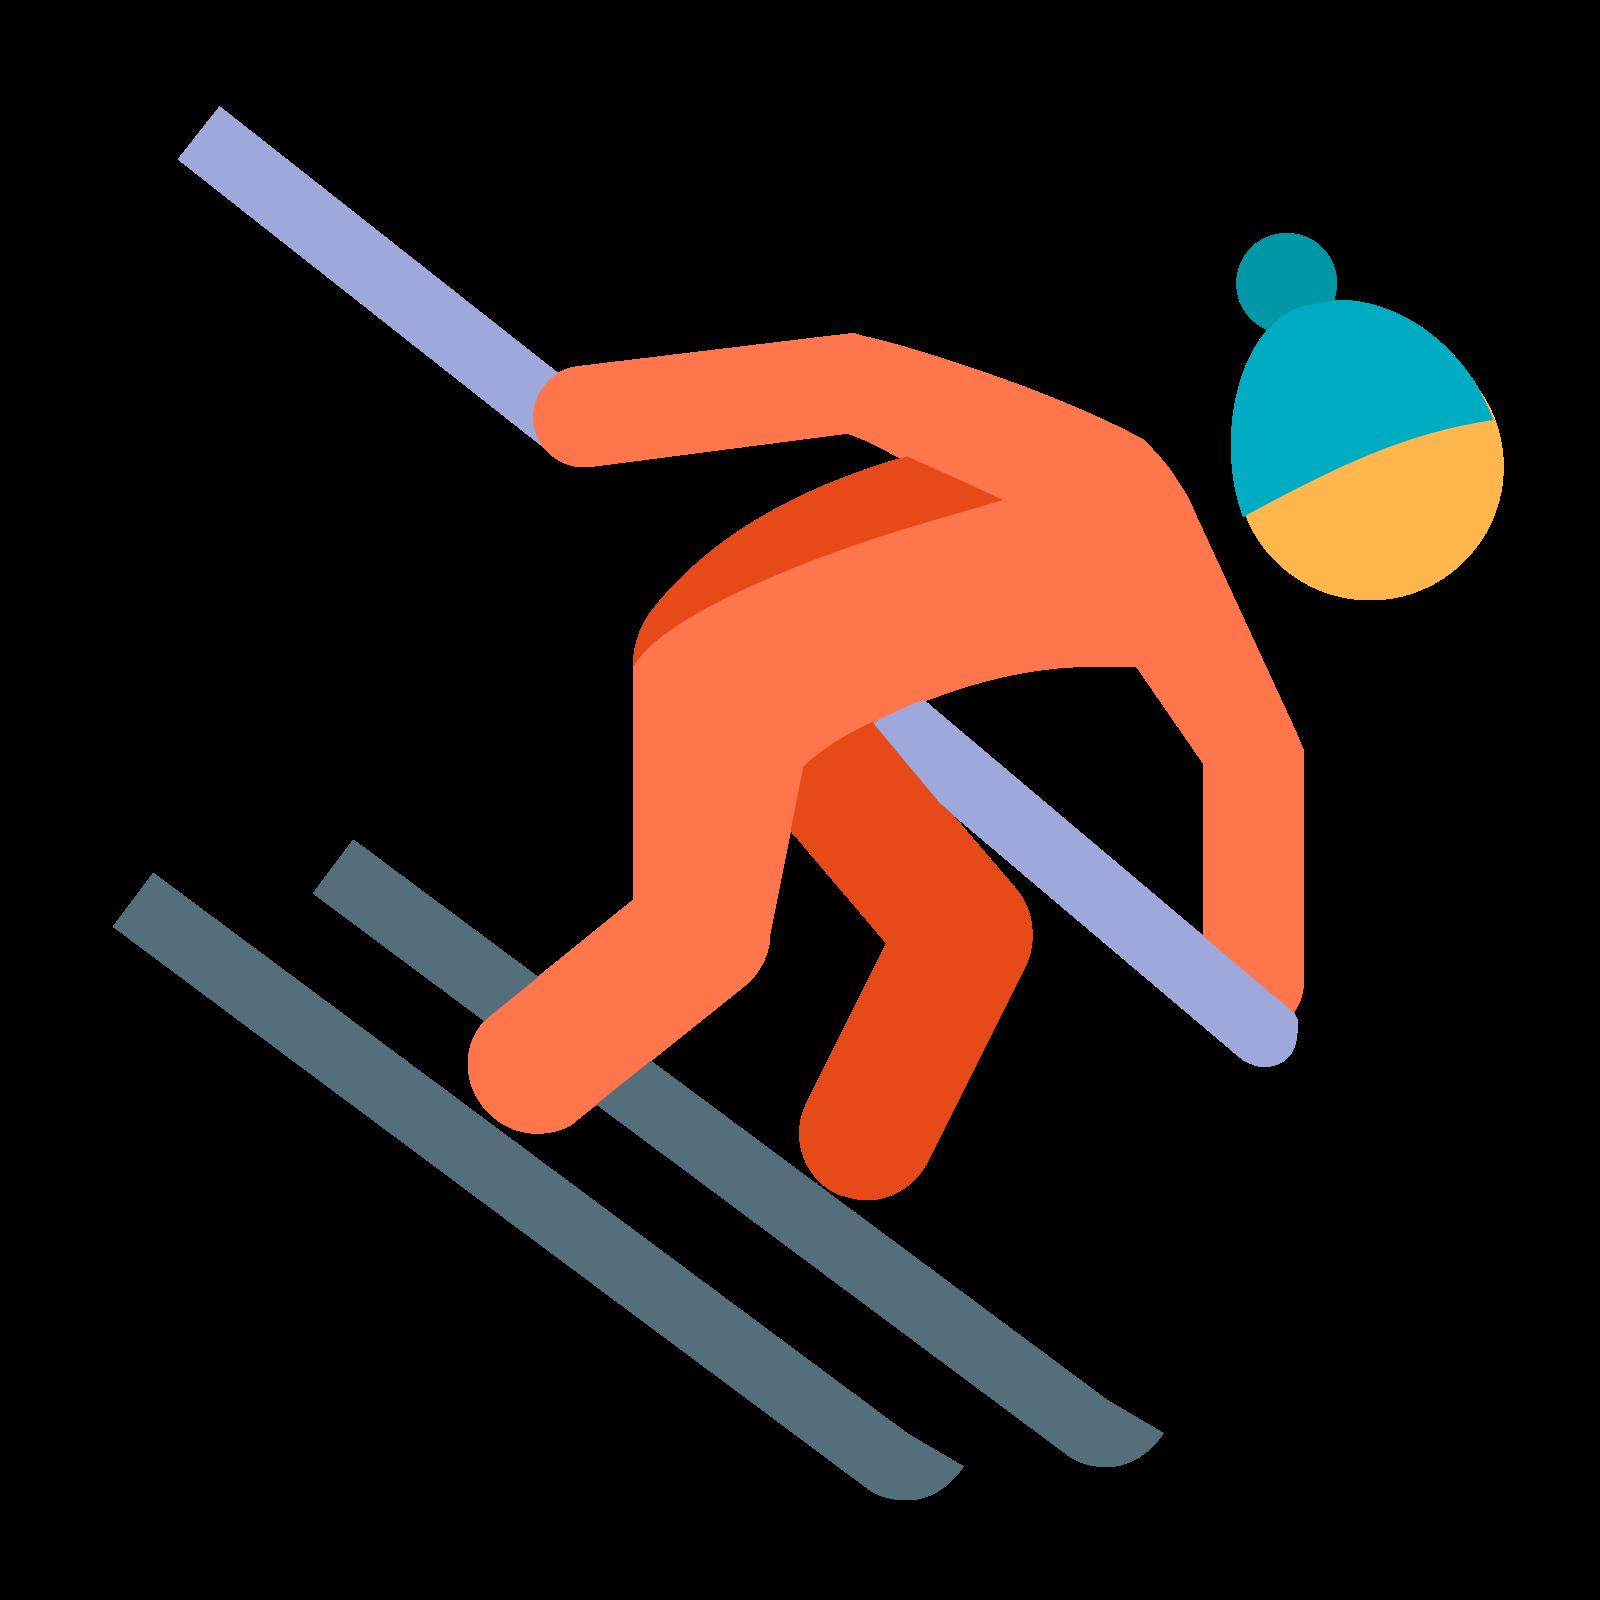 Alpine Skiing icon